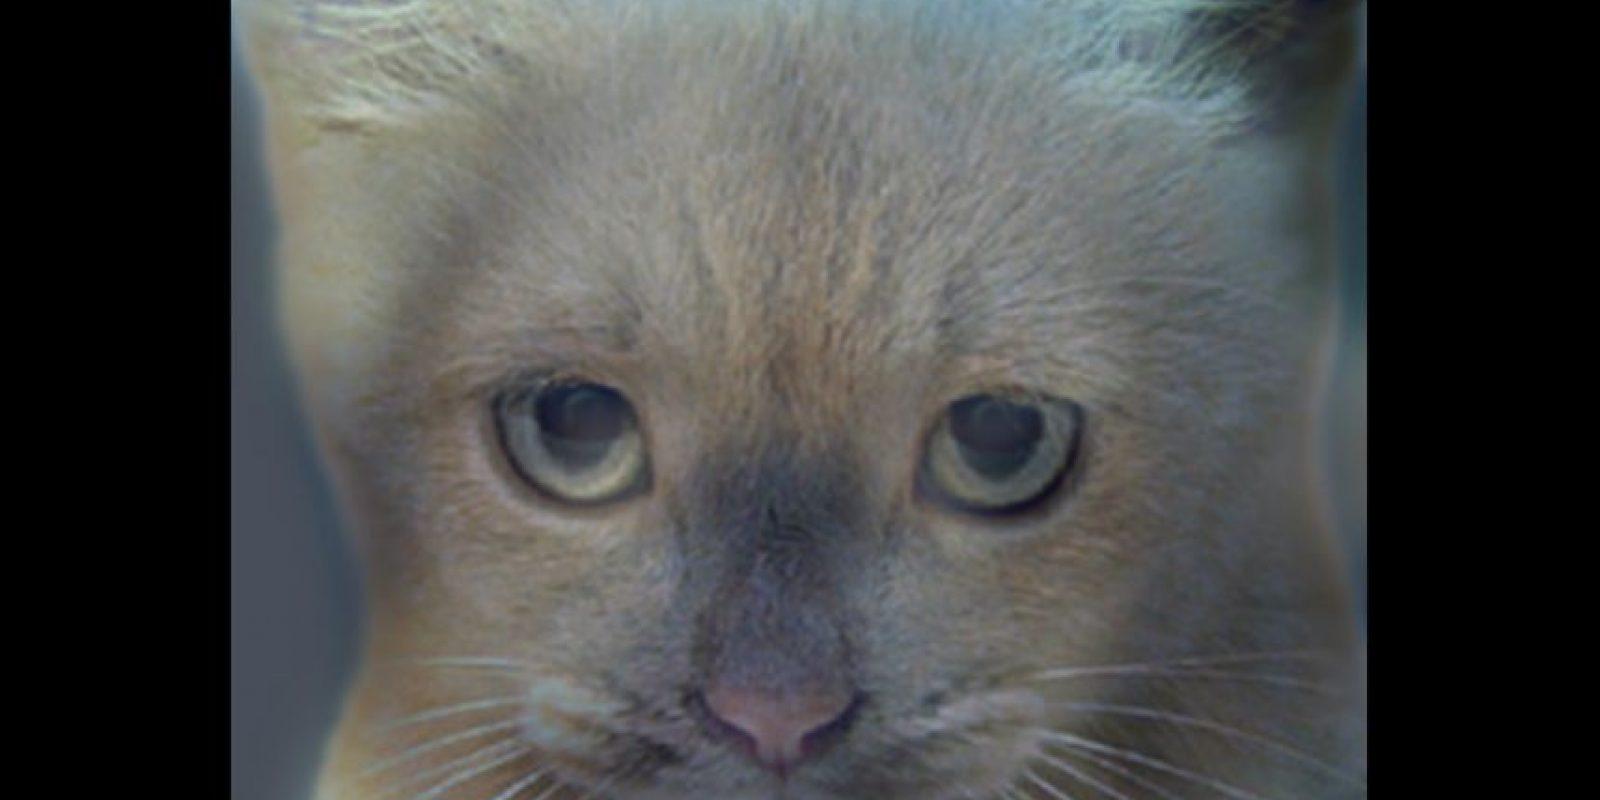 ¿Un gato o un perro? Foto:mit.edu – Aude Oliva